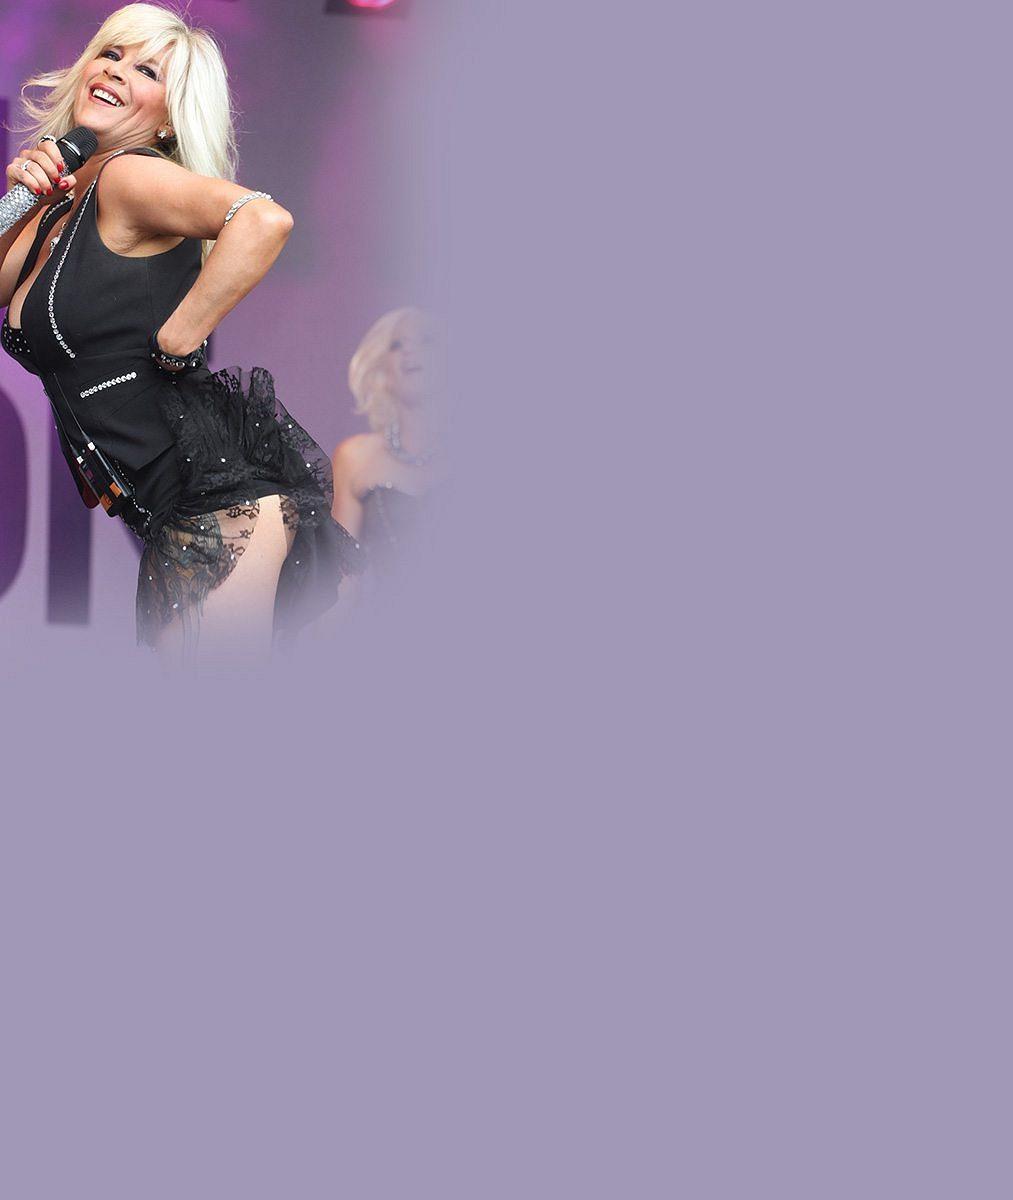 To je nářez! Předrevoluční sexsymbol Samantha Fox řádila na pódiu v šortkách a podprsence